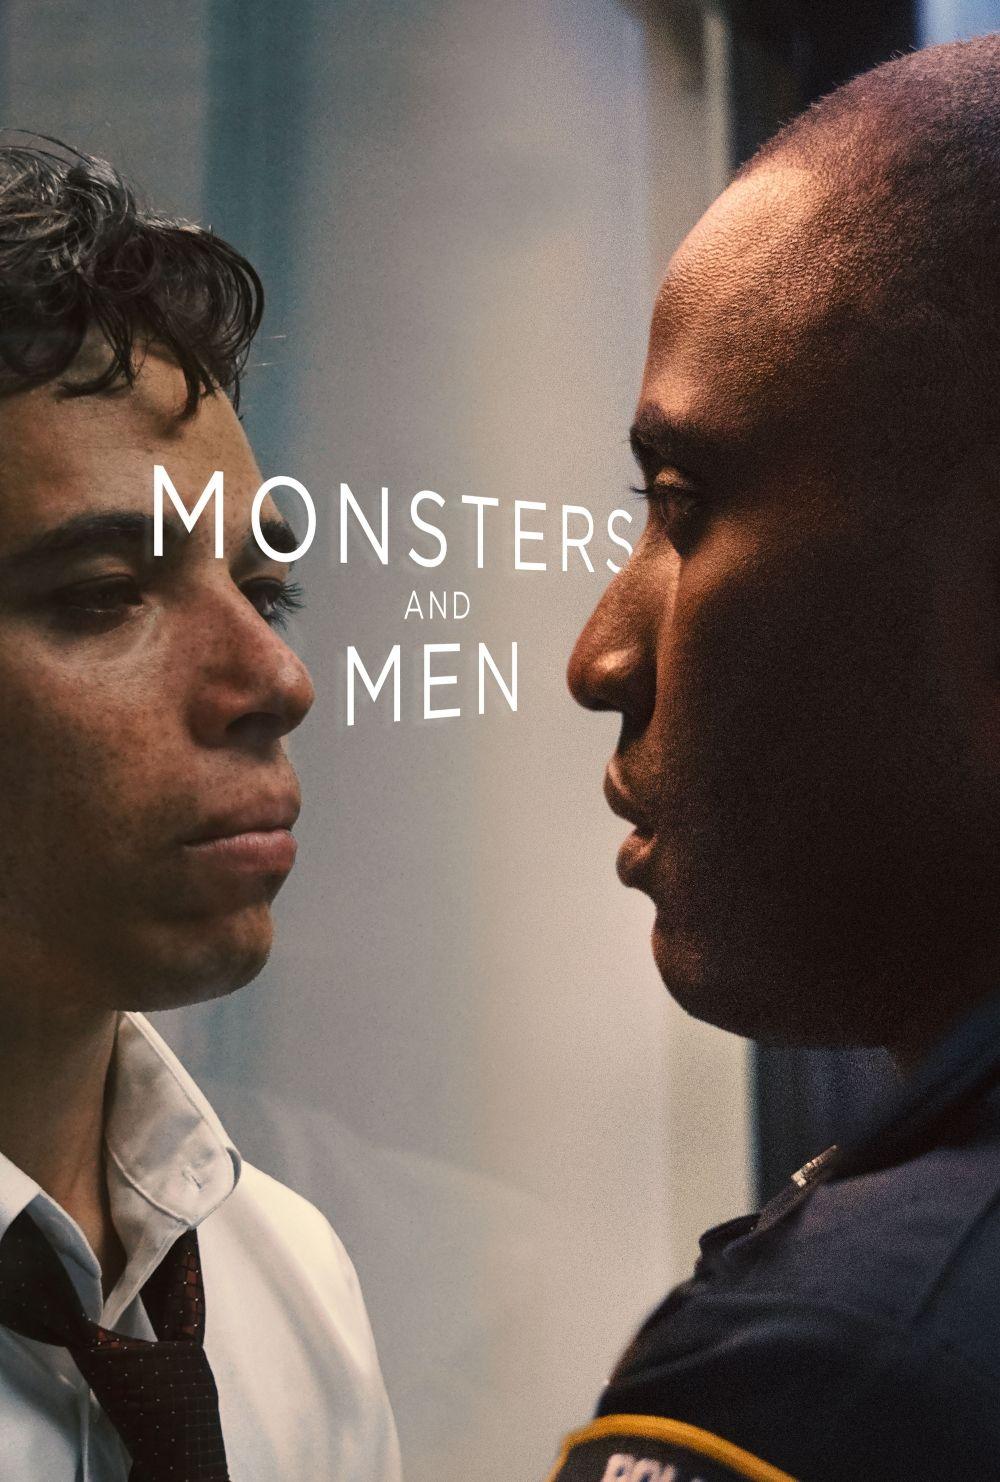 Monsters And Men Movie Trailer Https Teaser Trailer Com Movie Monsters And Men Monster Full Movies Online Free Free Movies Online Free Hd Movies Online